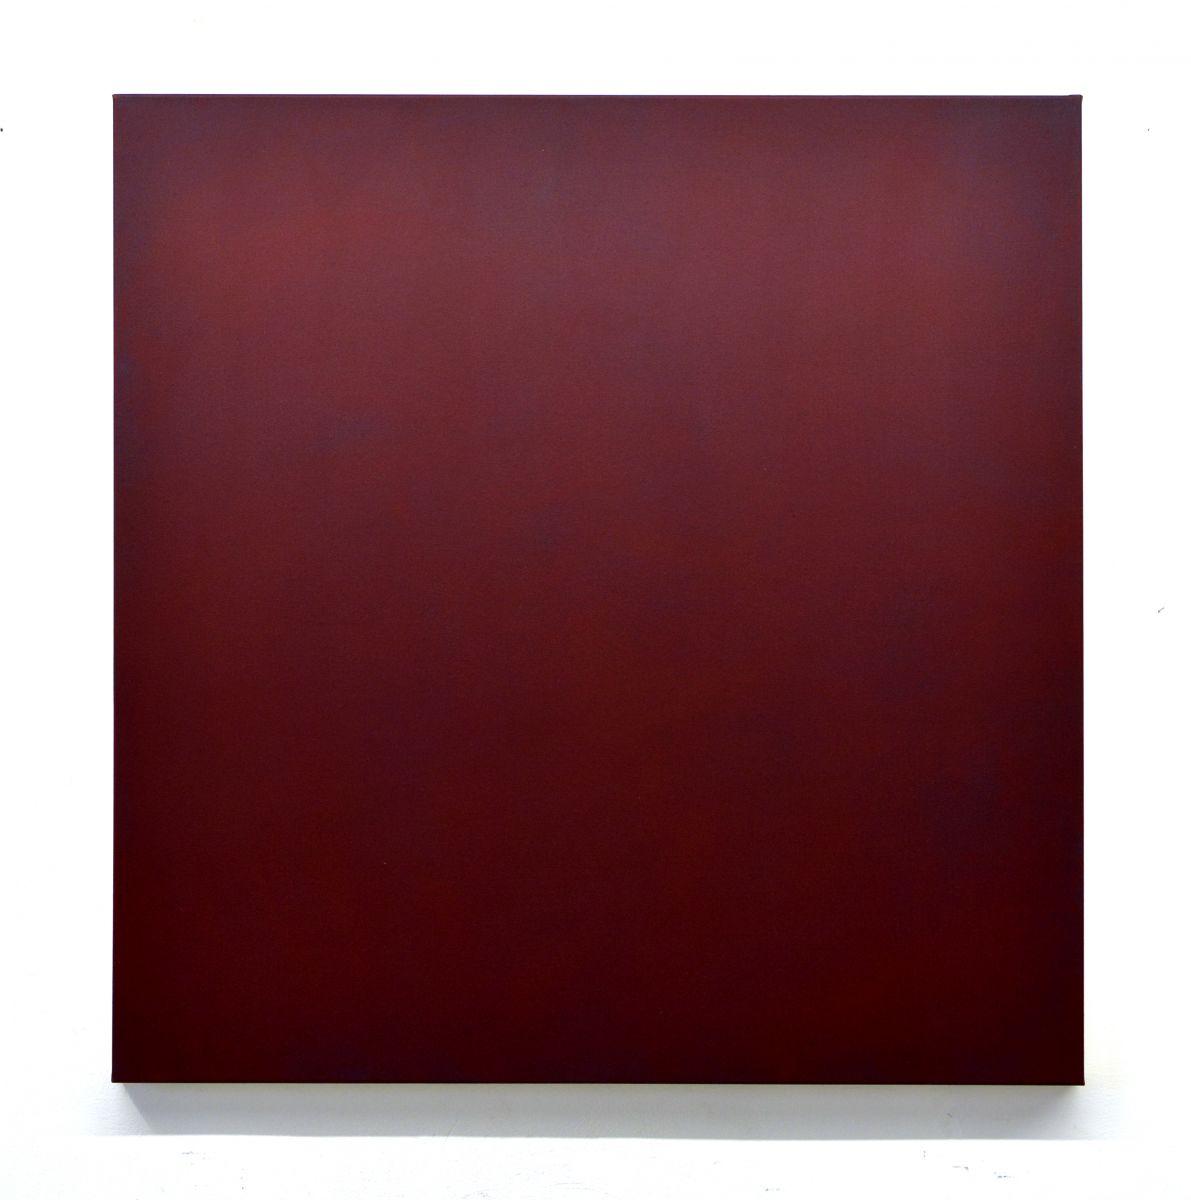 red-painting-eder-vienna-eder art